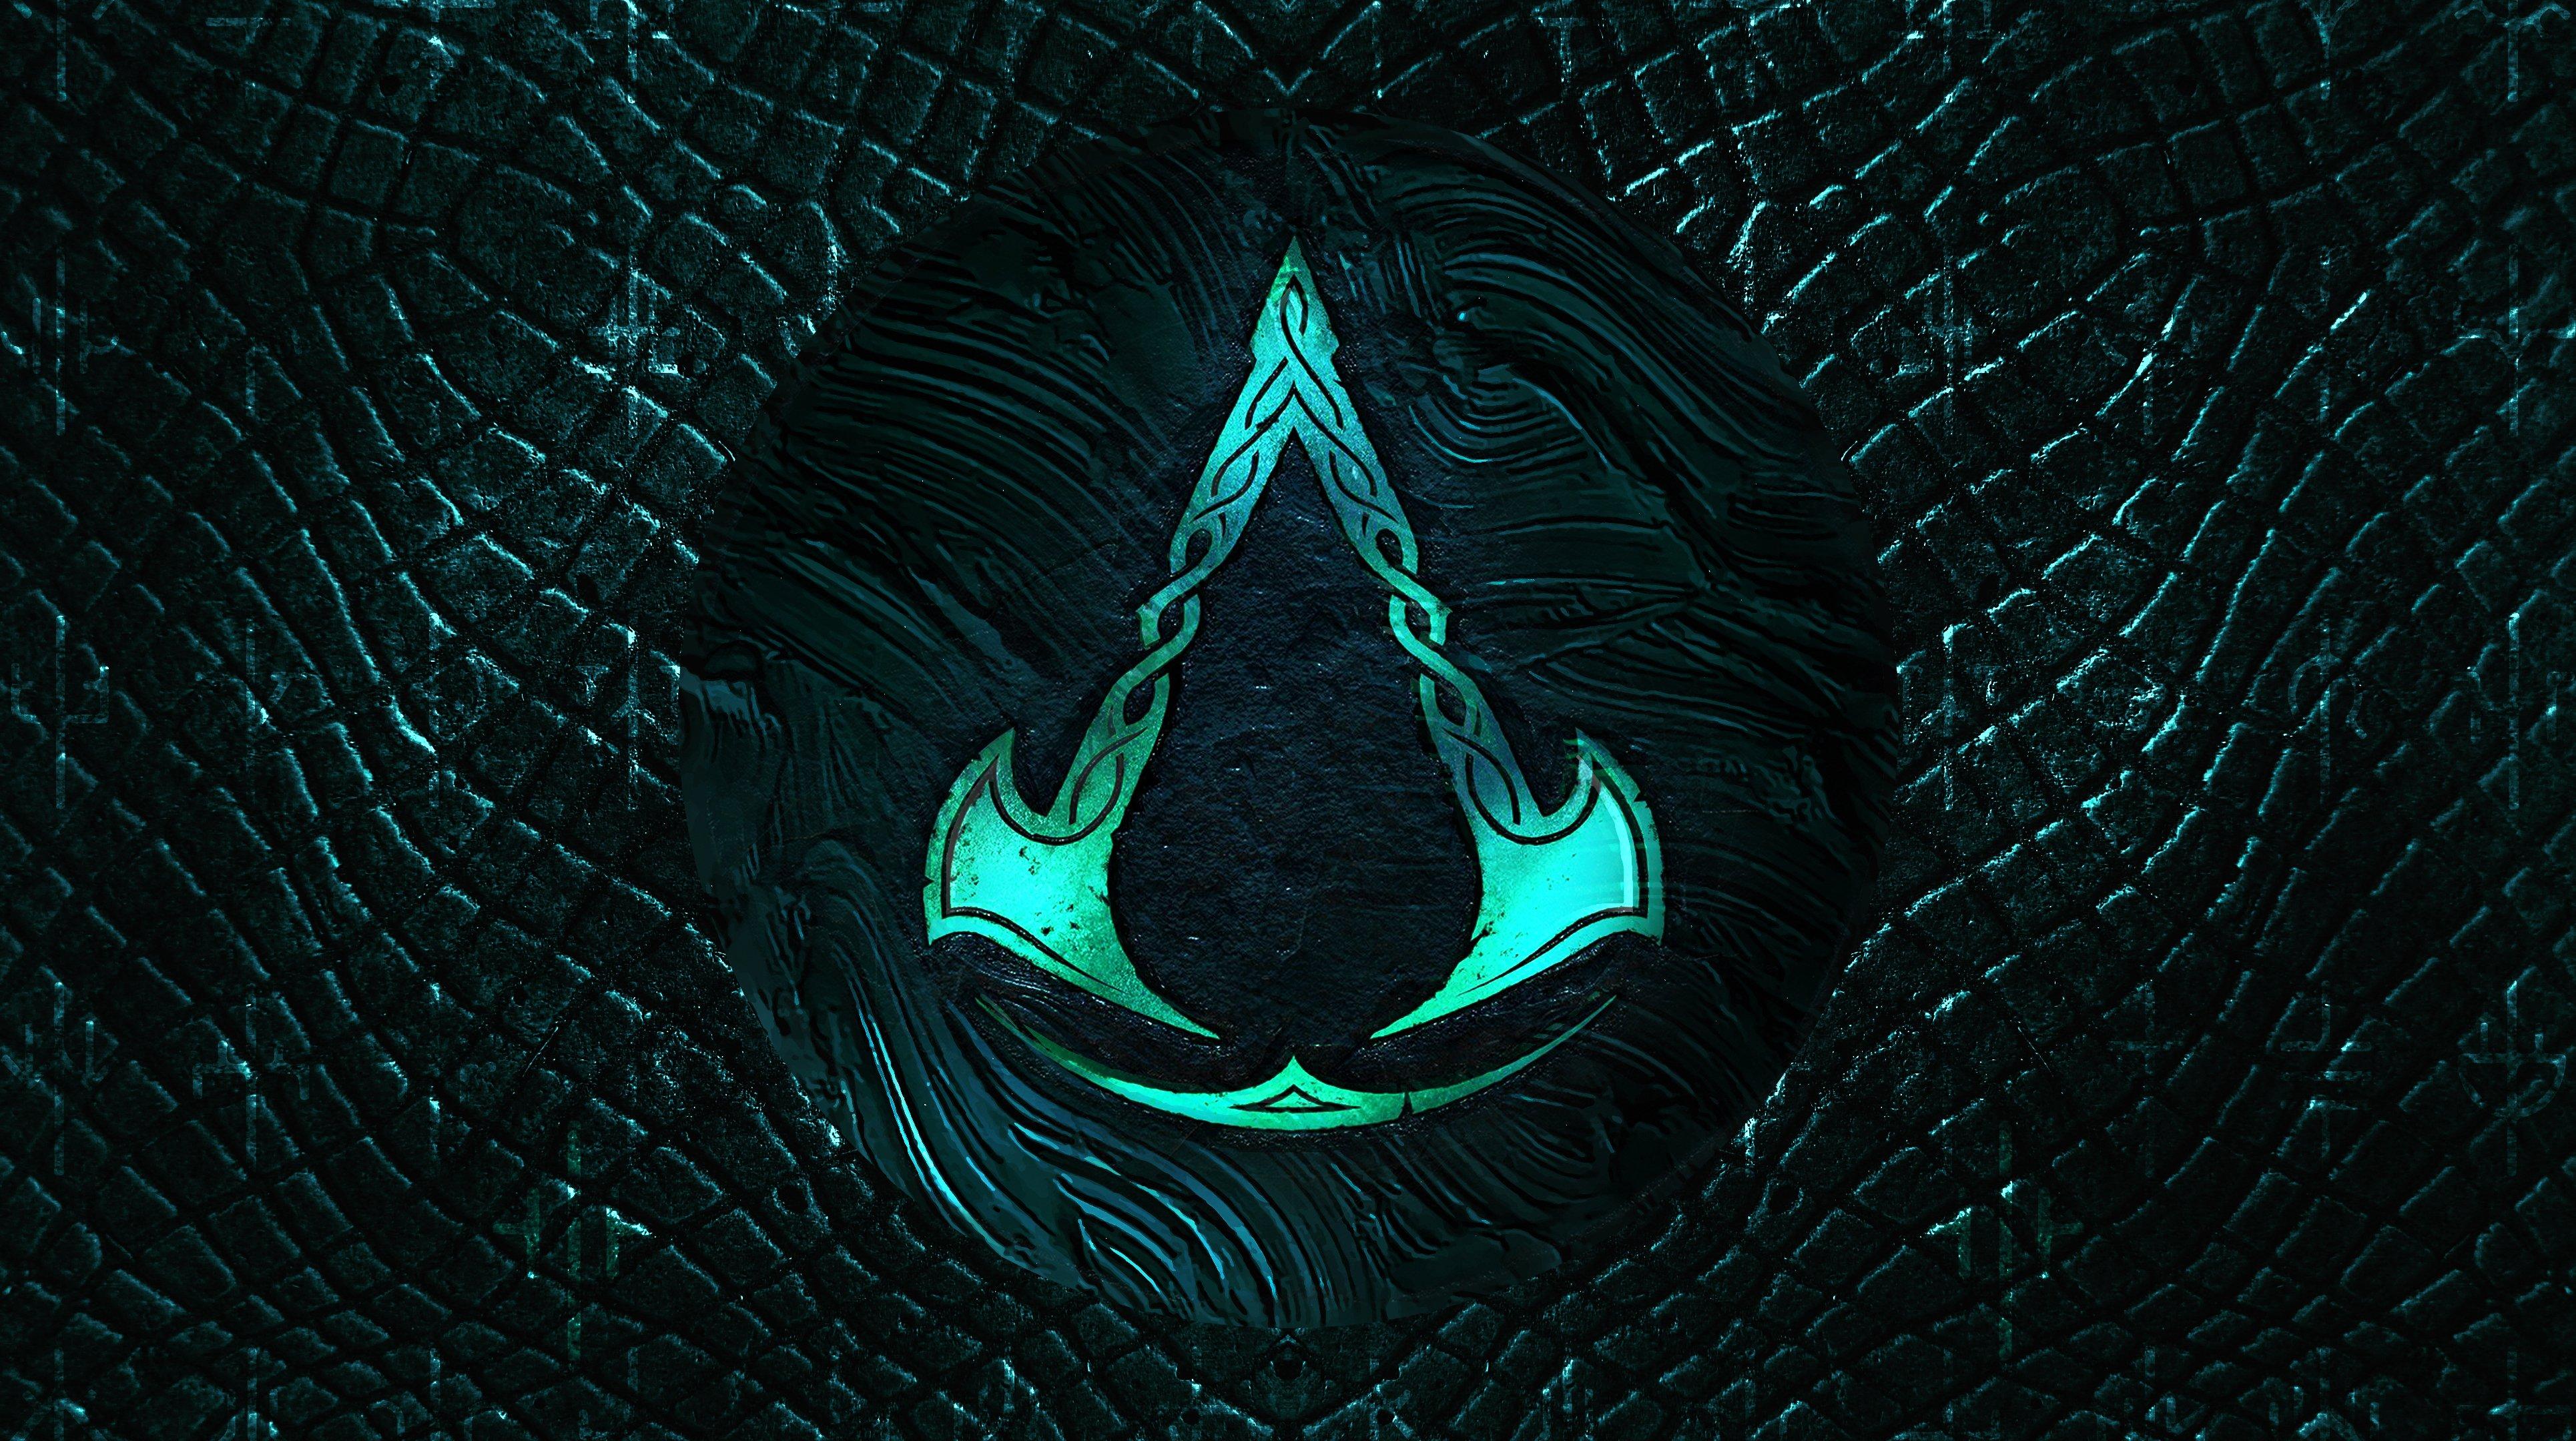 Assassins Creed Valhalla 4K Logo Wallpaper SyanArt Station 3860x2160